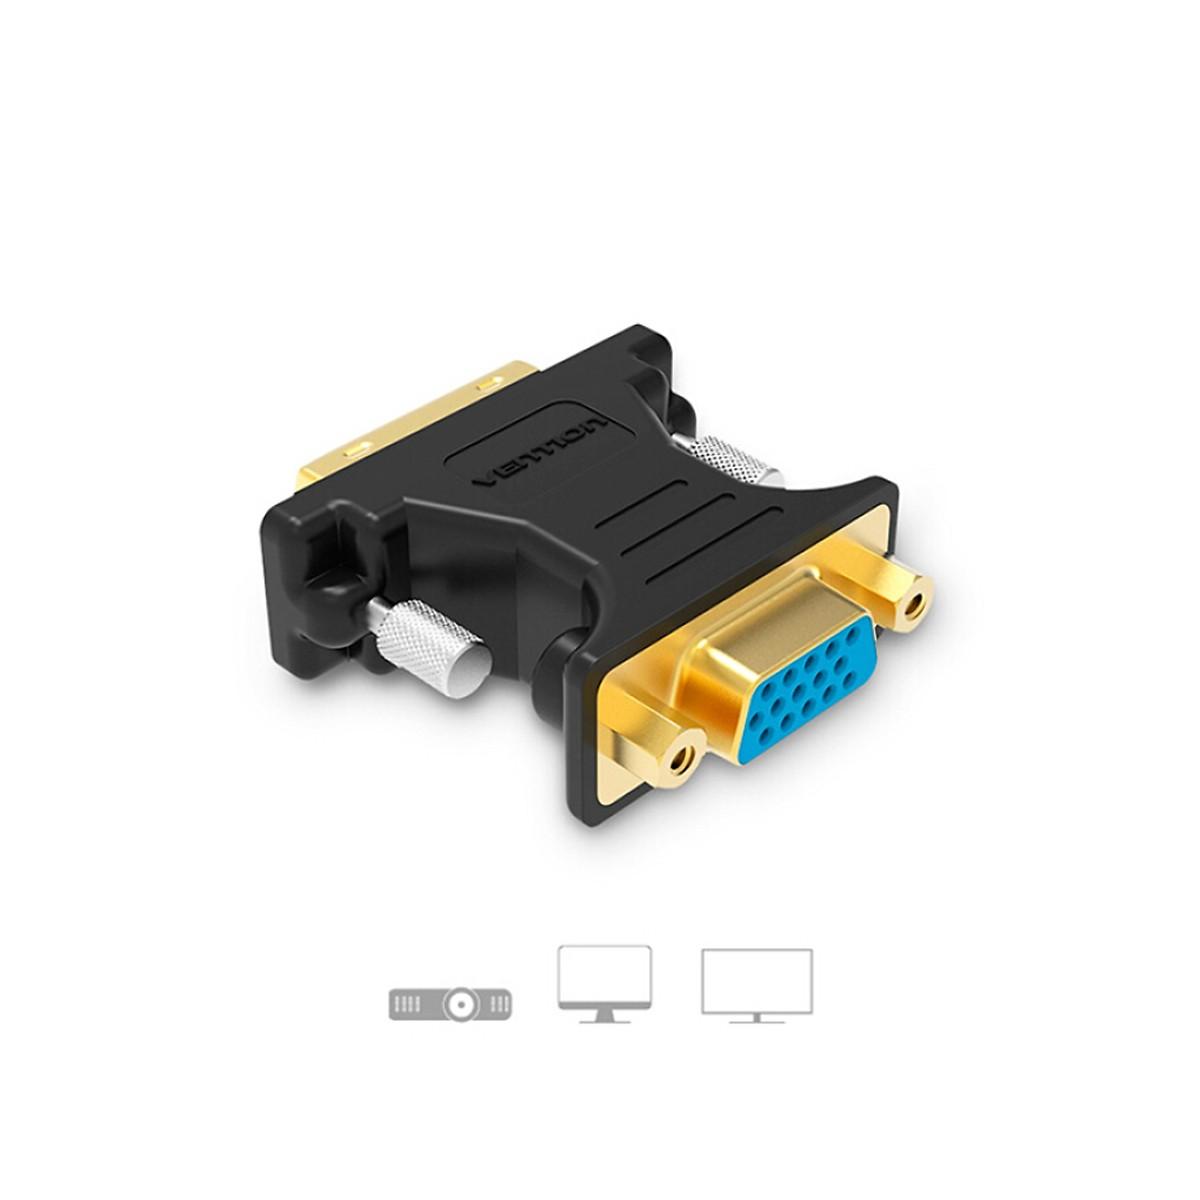 Đầu chuyển VGA to DVI(24+5) Vention DV380VG màu đen - Hàng Chính Hãng